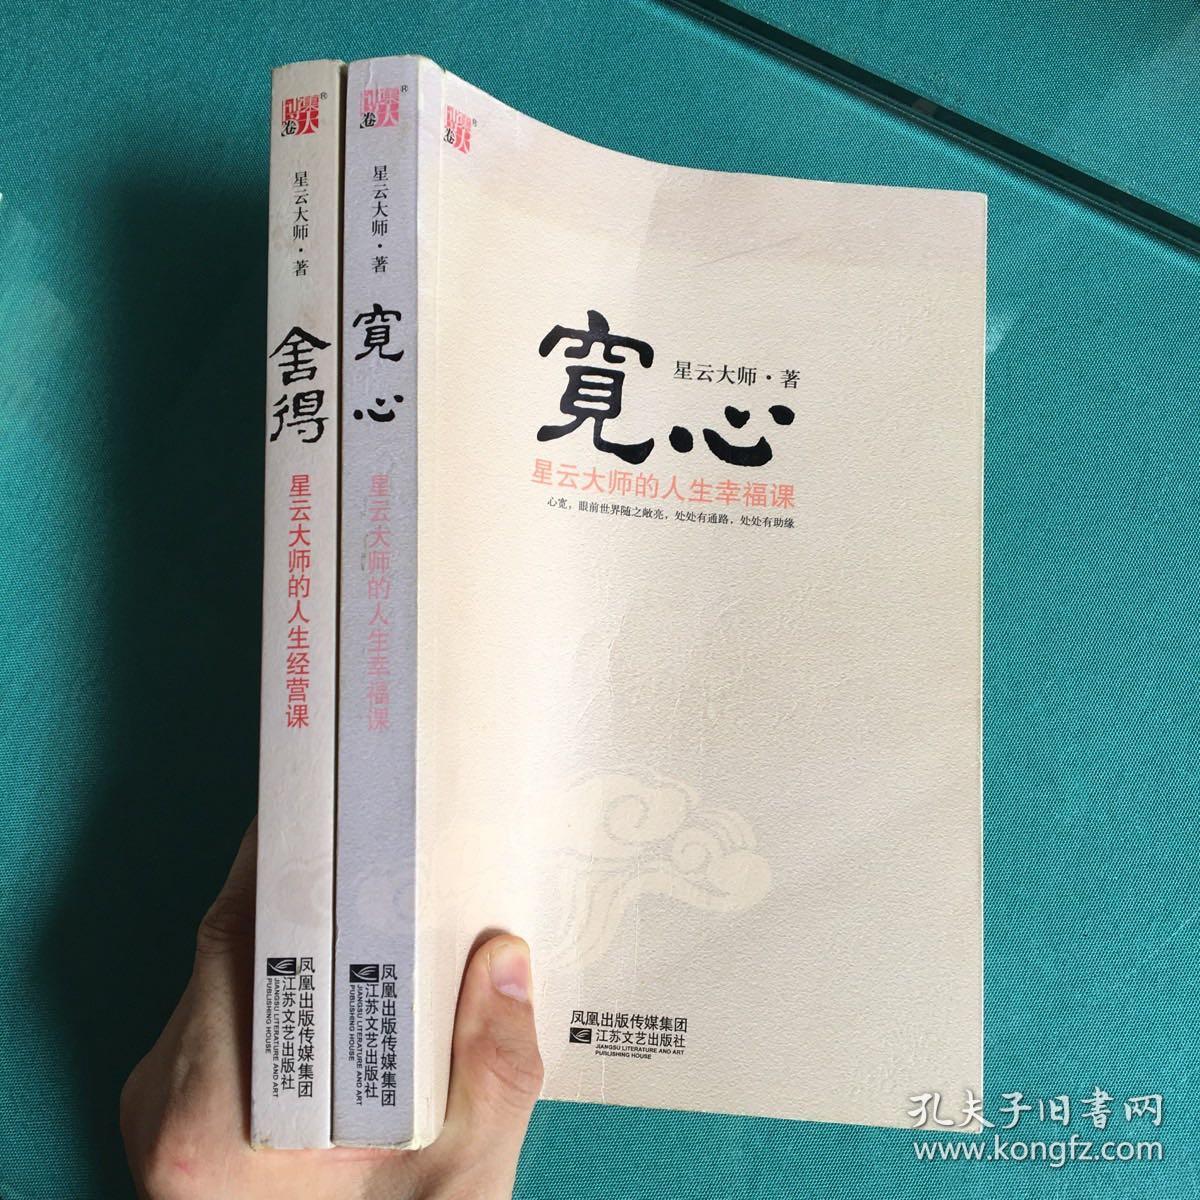 宽心/舍得:星云大师的人生幸福课(2册)